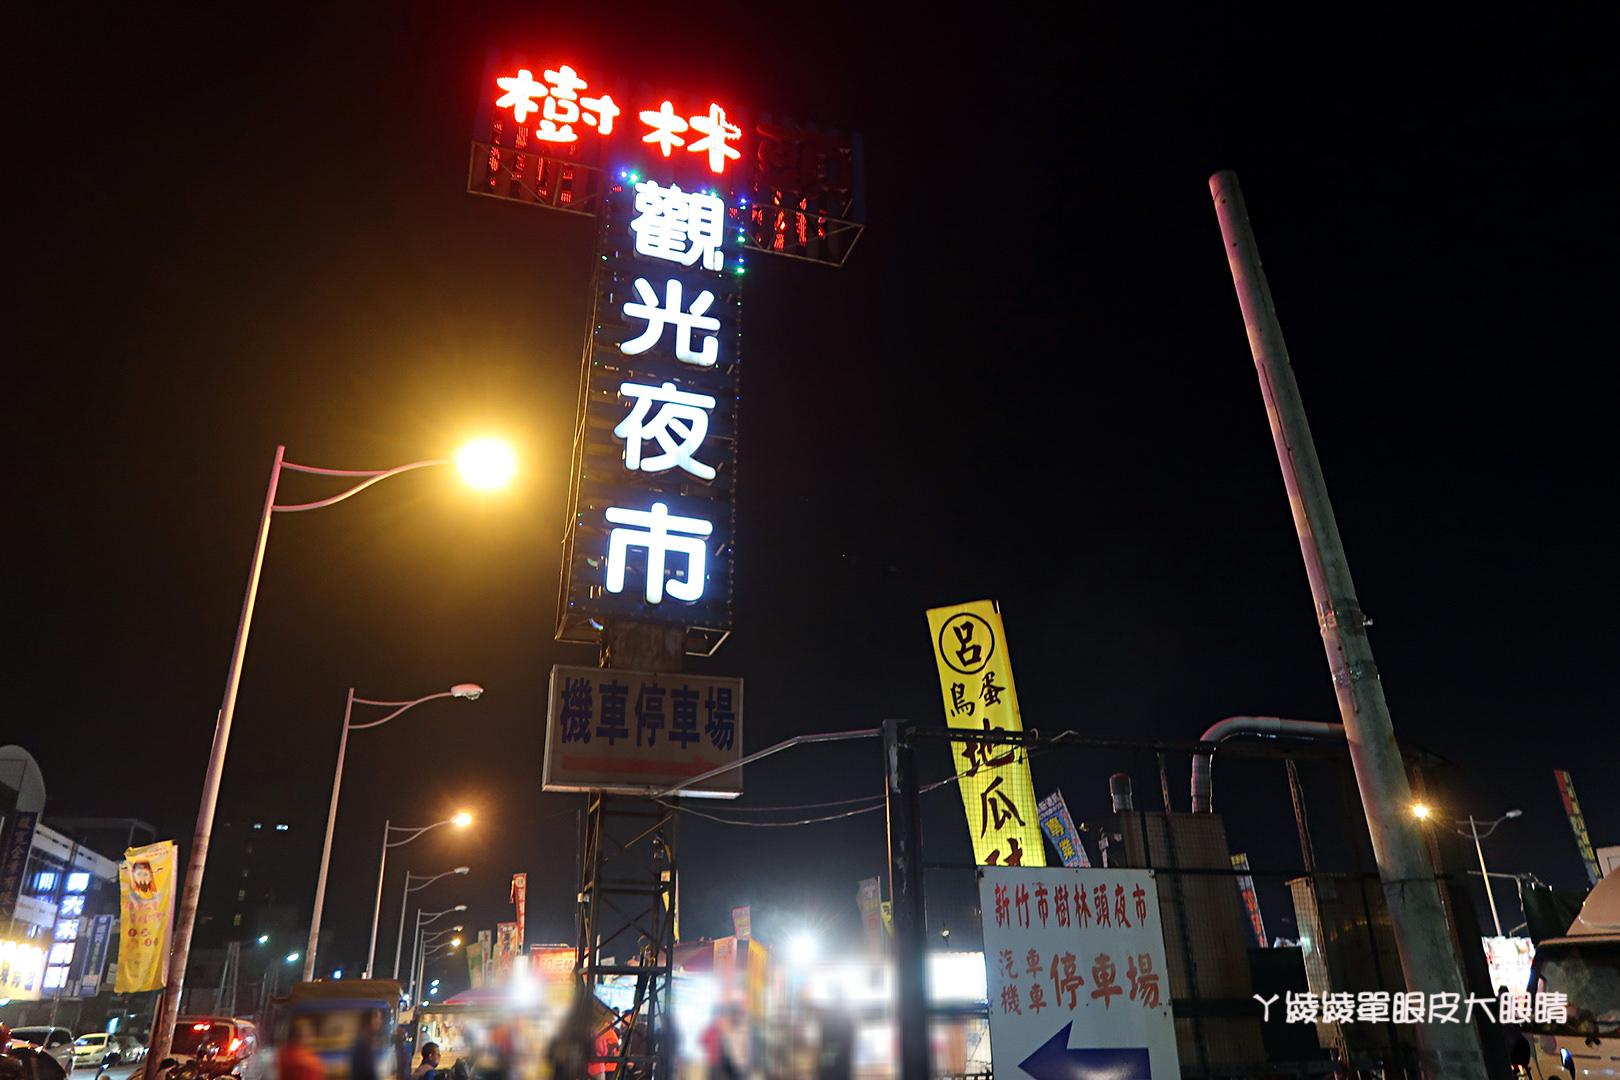 新竹夜市最新時間表、懶人包營業時間整理(2018年最新版)